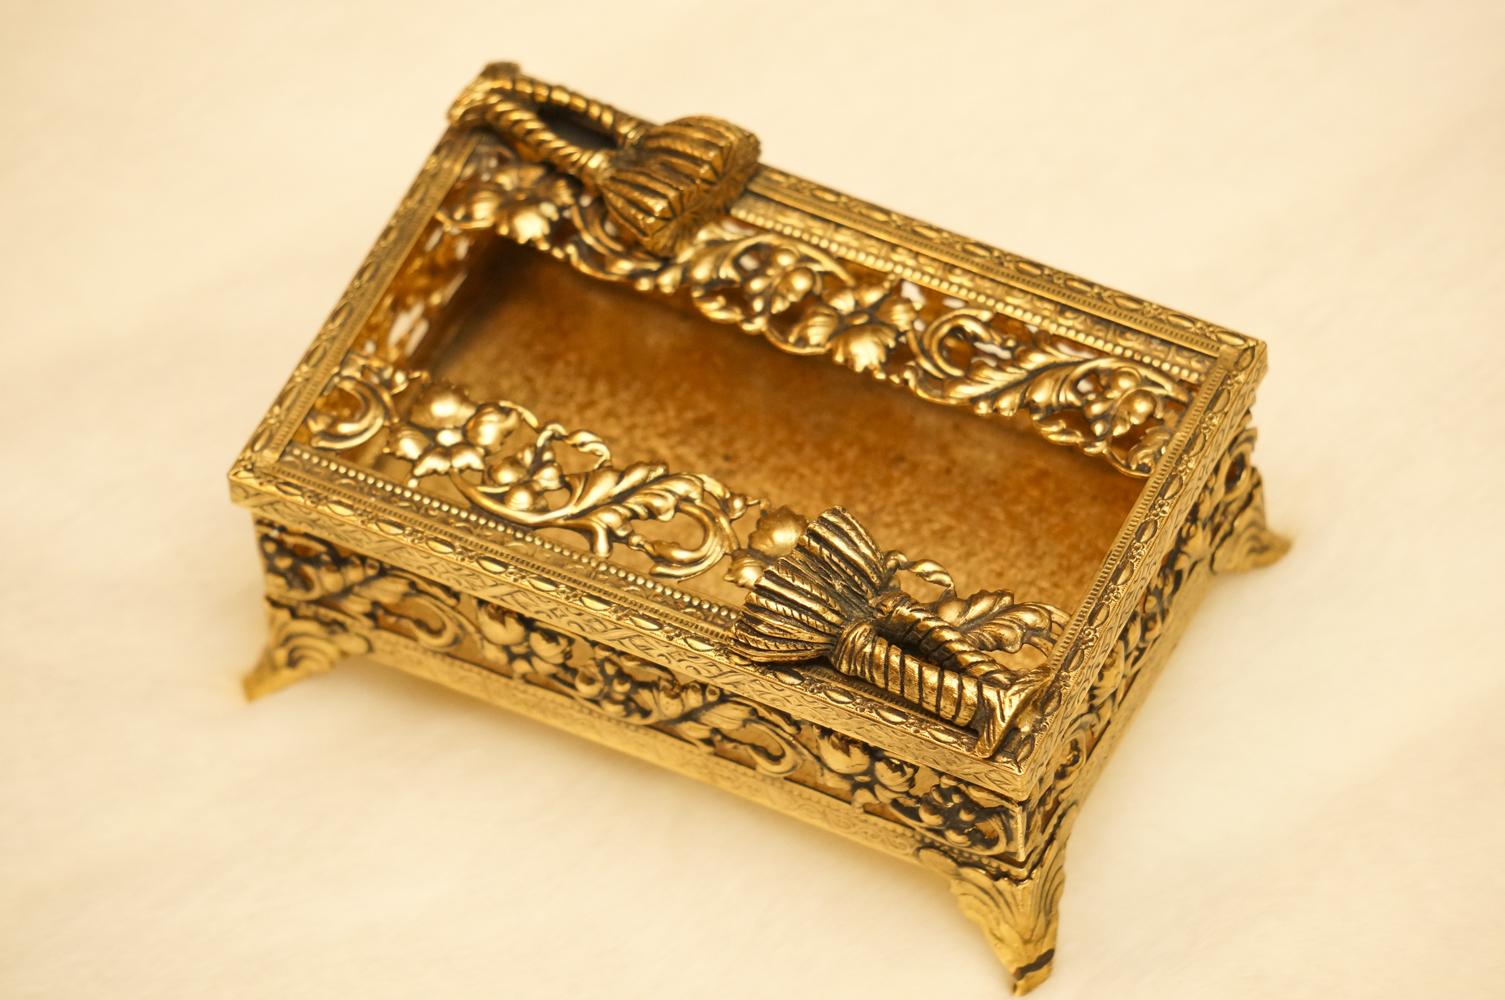 スタイルビルト製 ゴールド ミニ ロープ ティッシュボックス